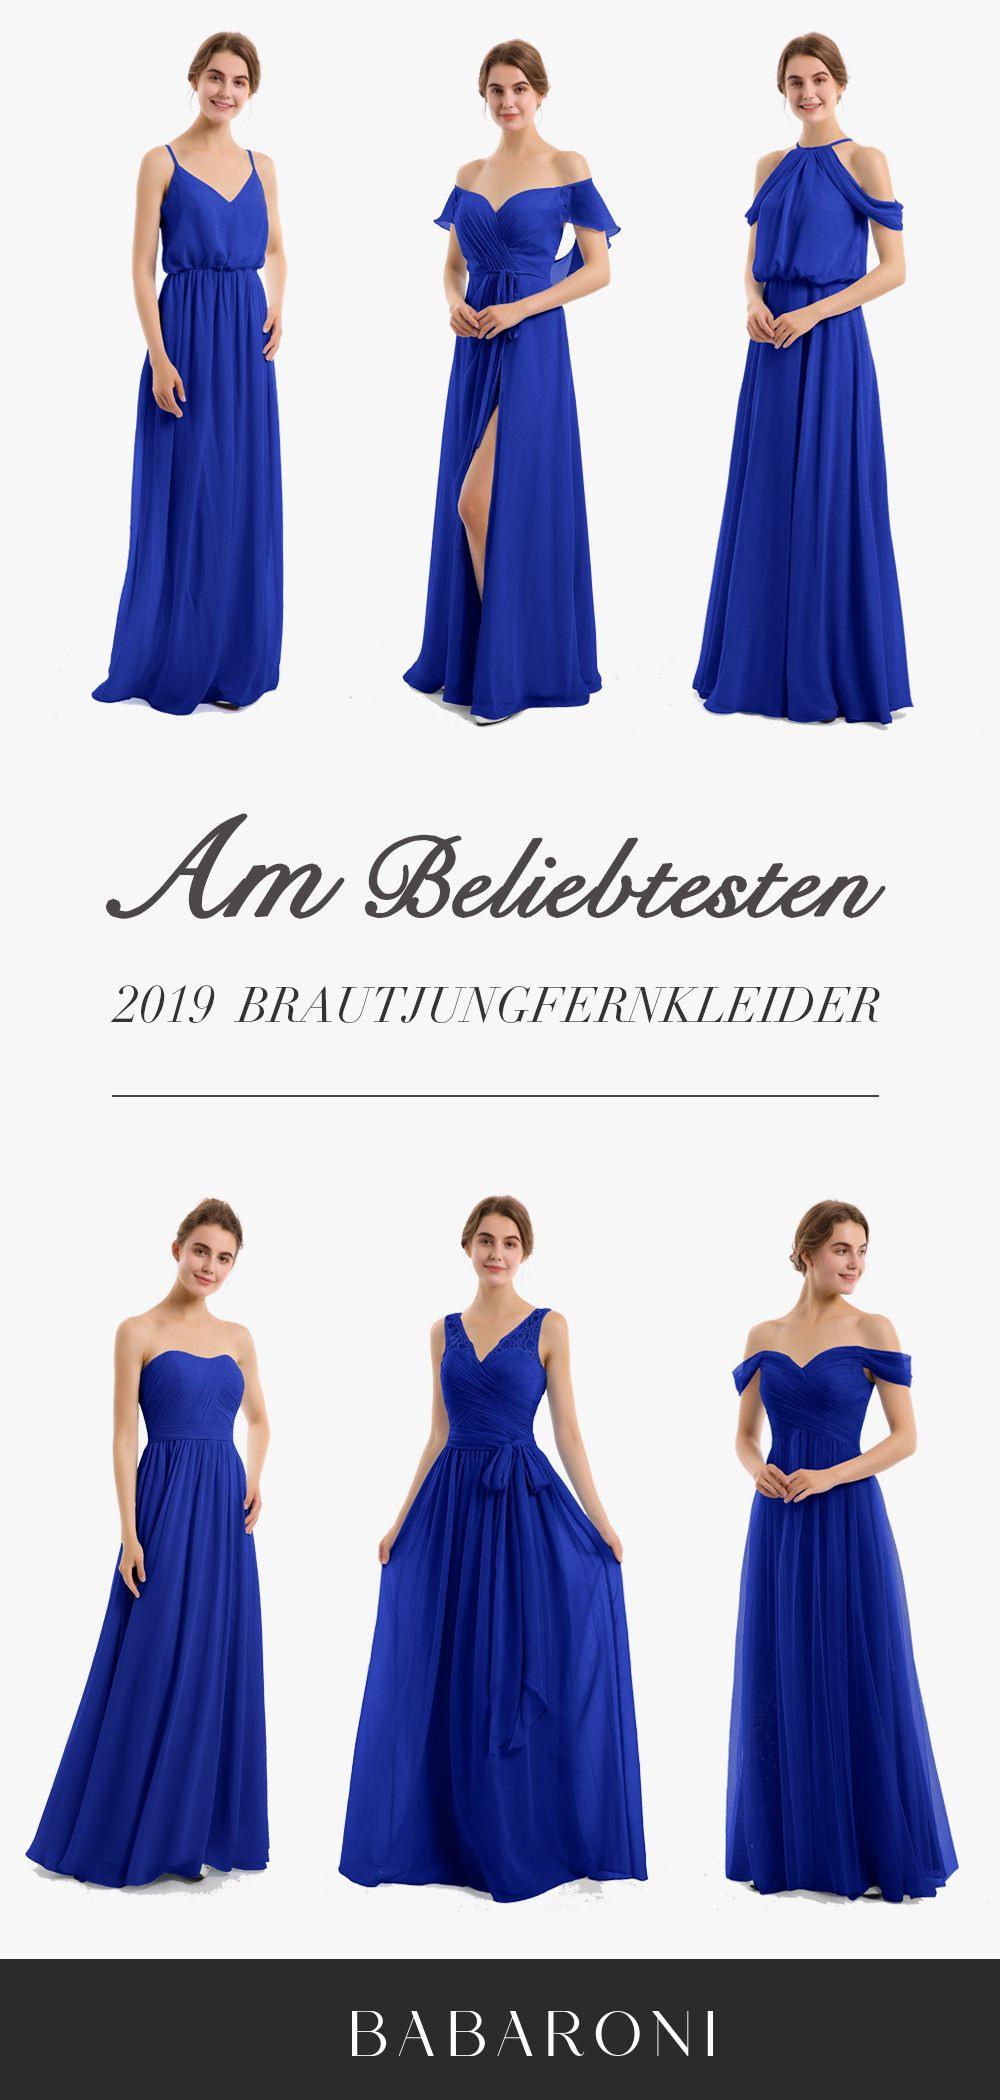 Brautjungfernkleider | Schöne Brautkleider